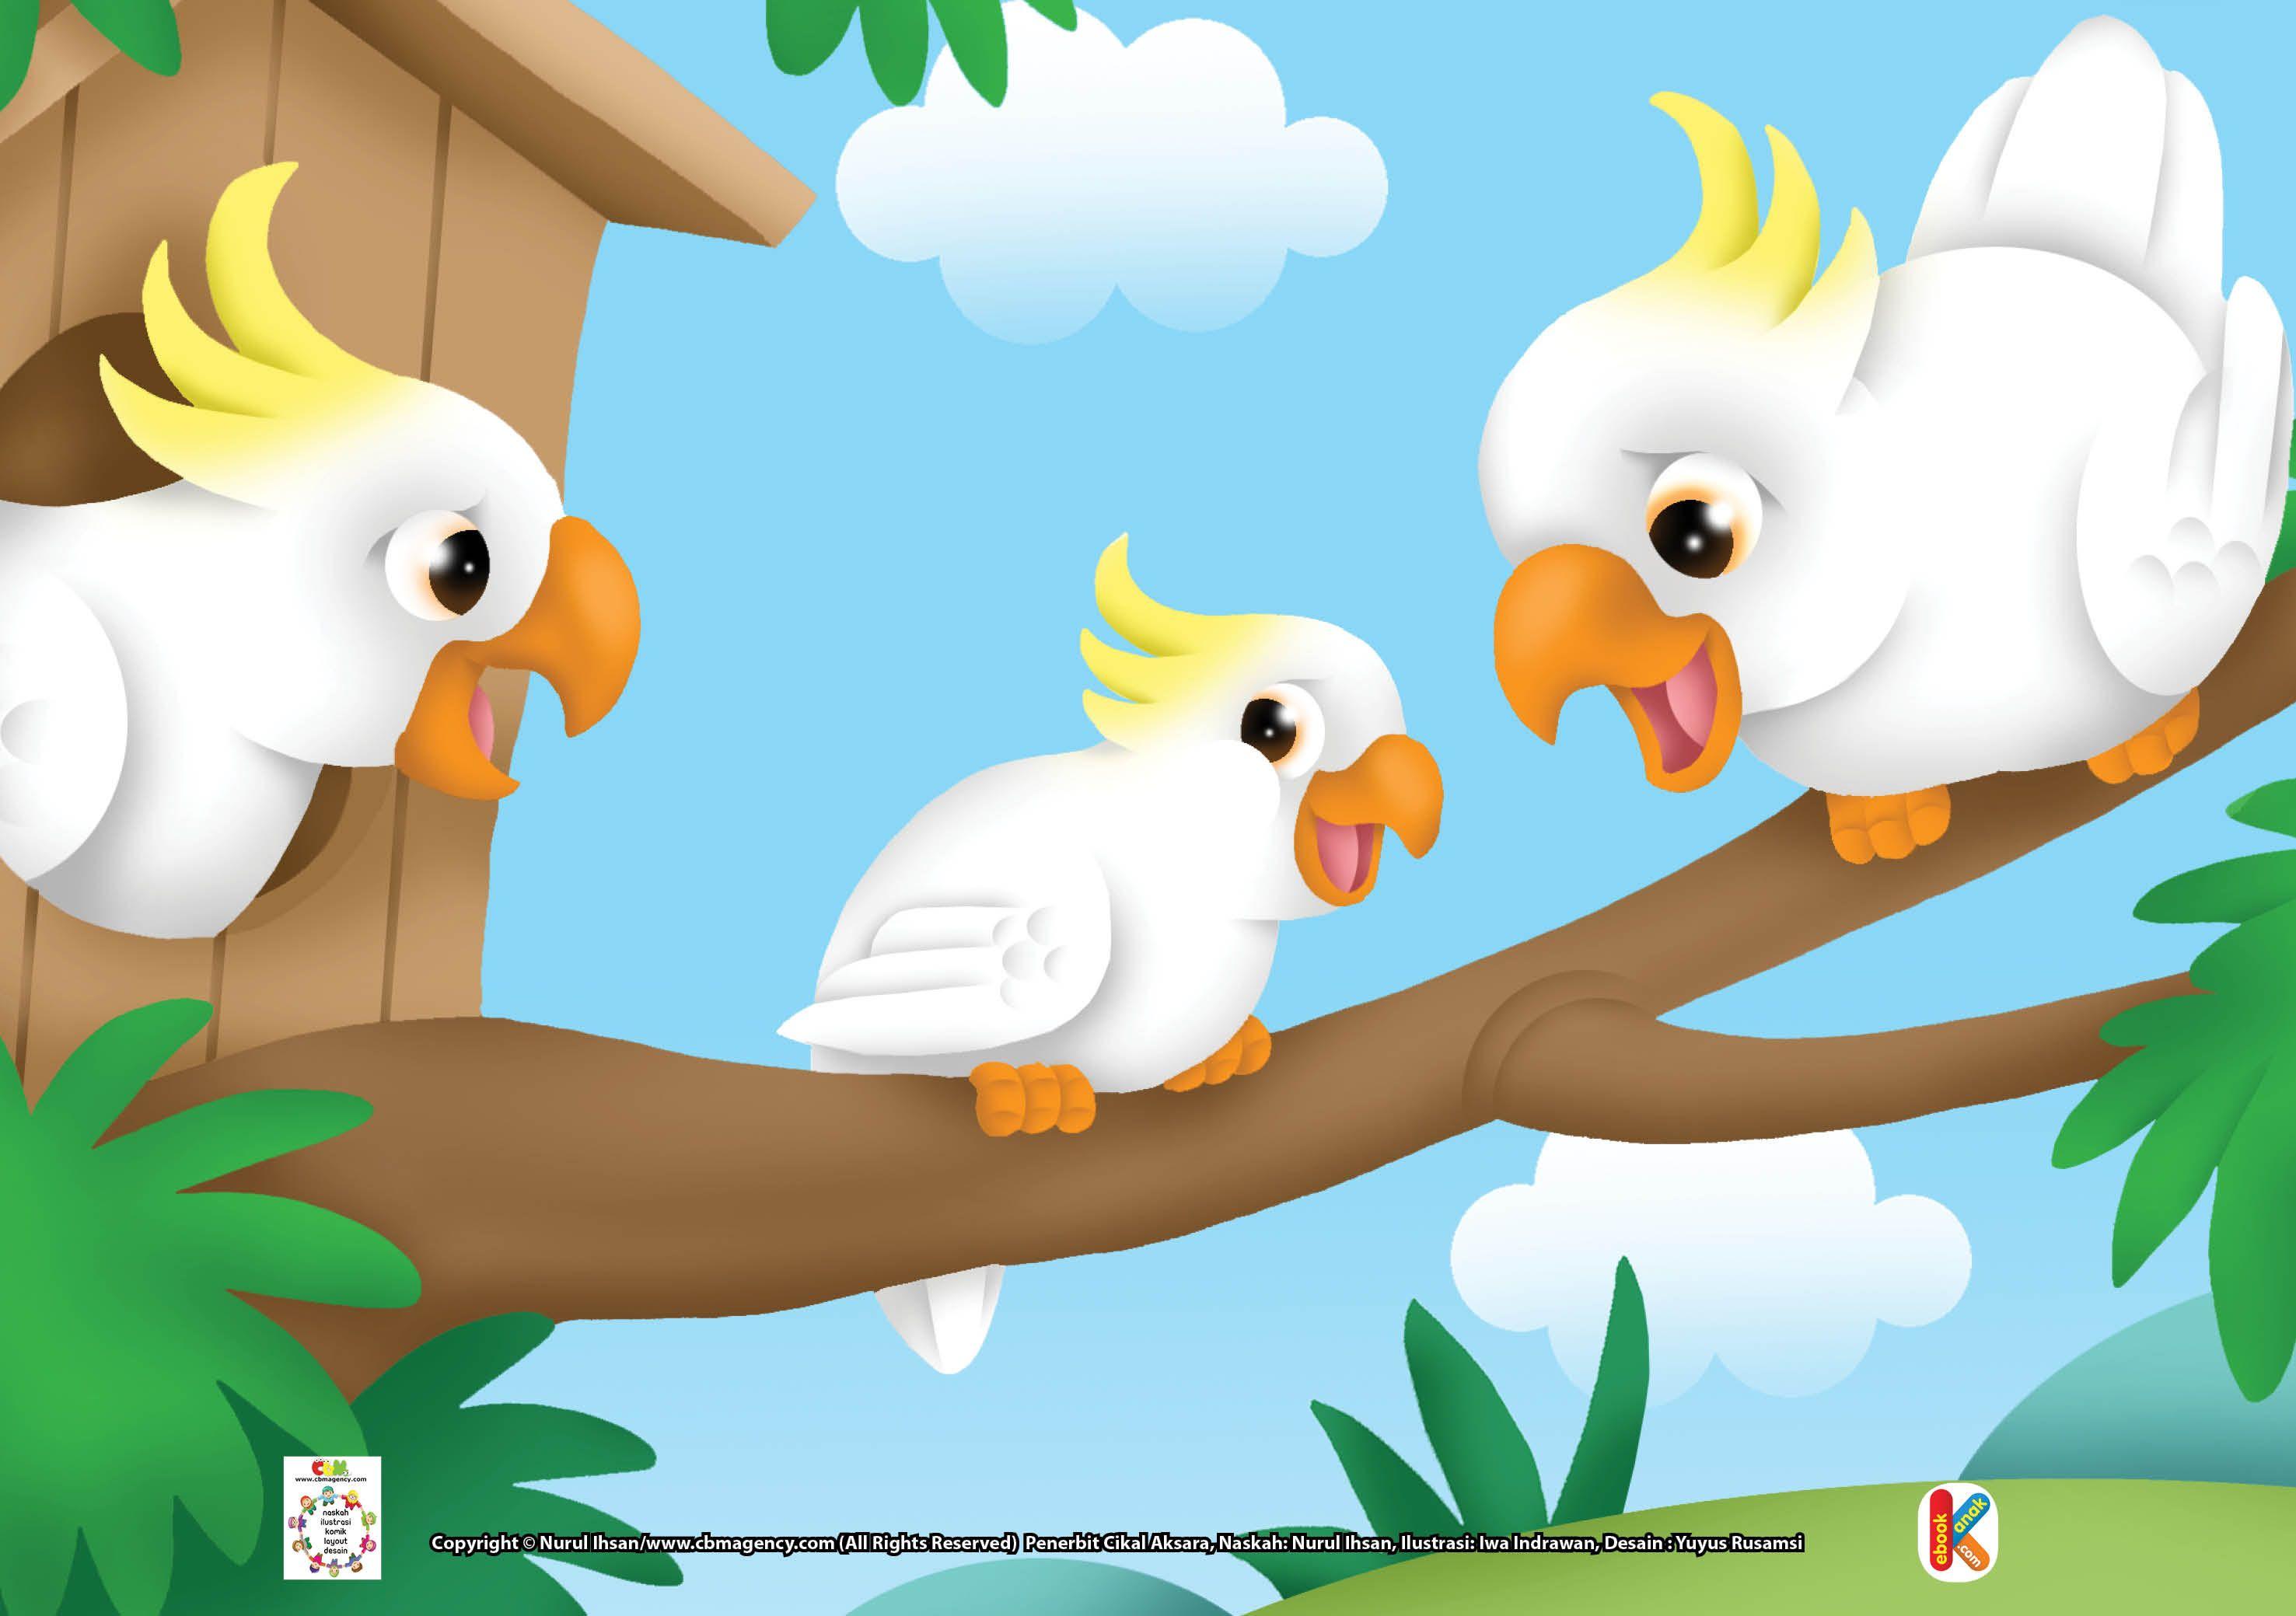 Gambar Download Mewarnai Burung Kakak Tua Kakaktua Pintar Peniru